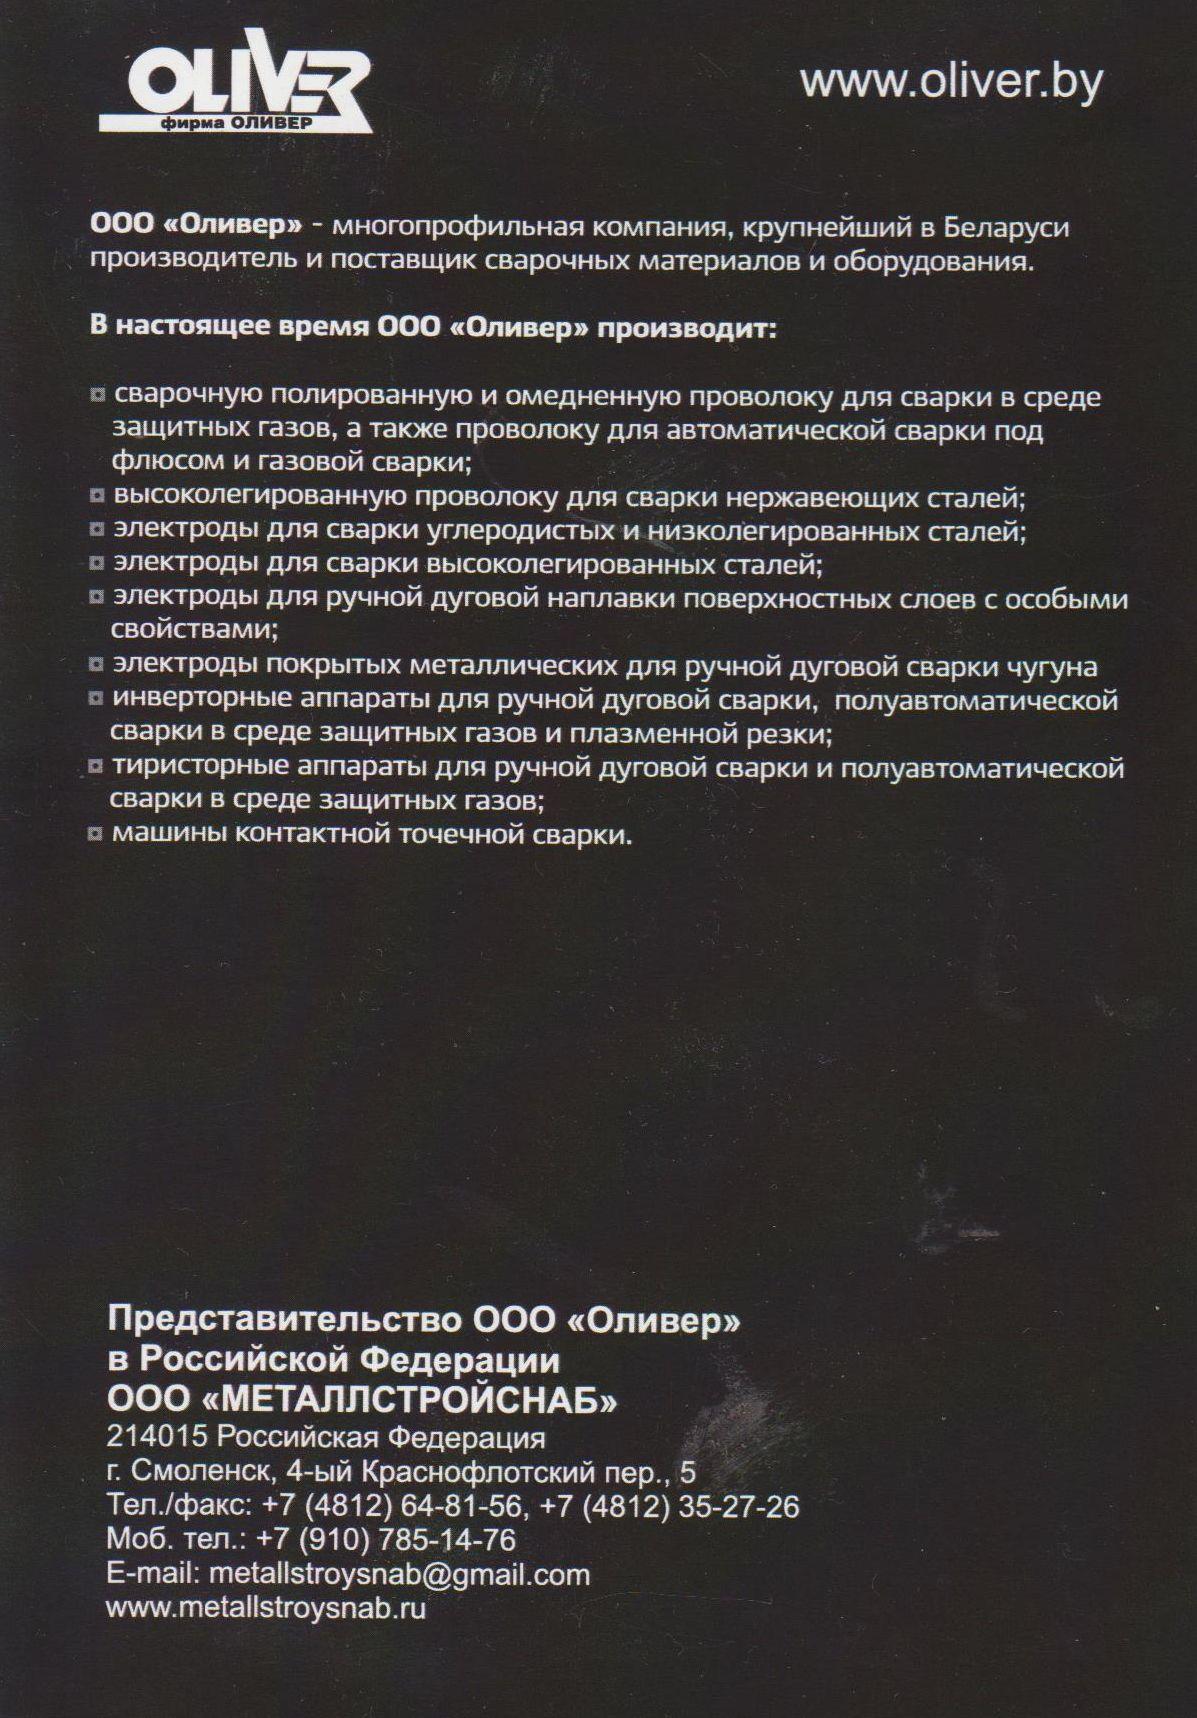 производитель электродов oliver